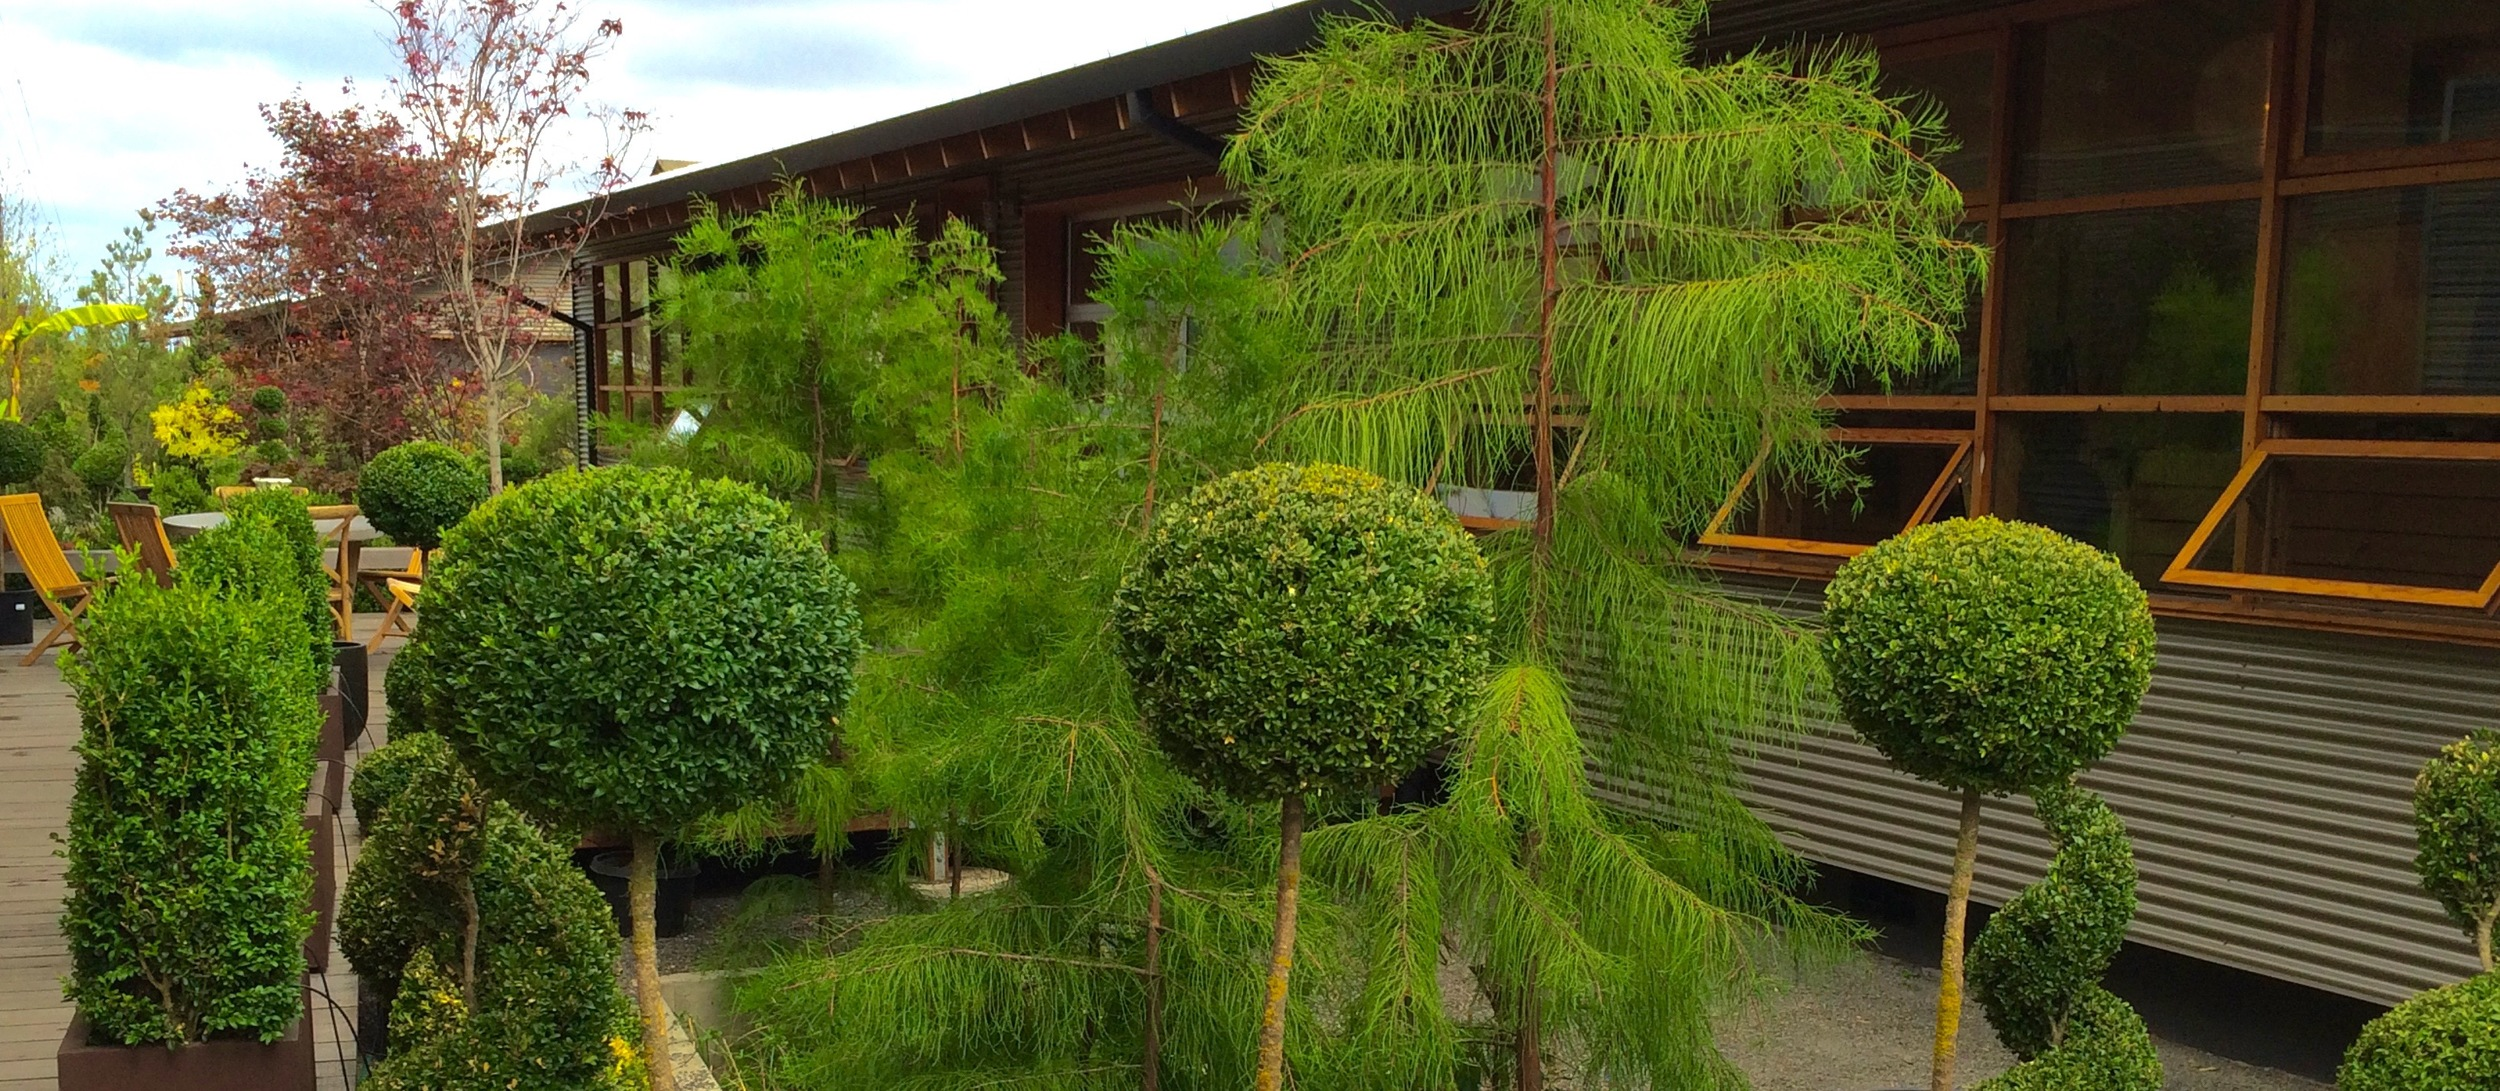 Copy of Topiary Boxwoods